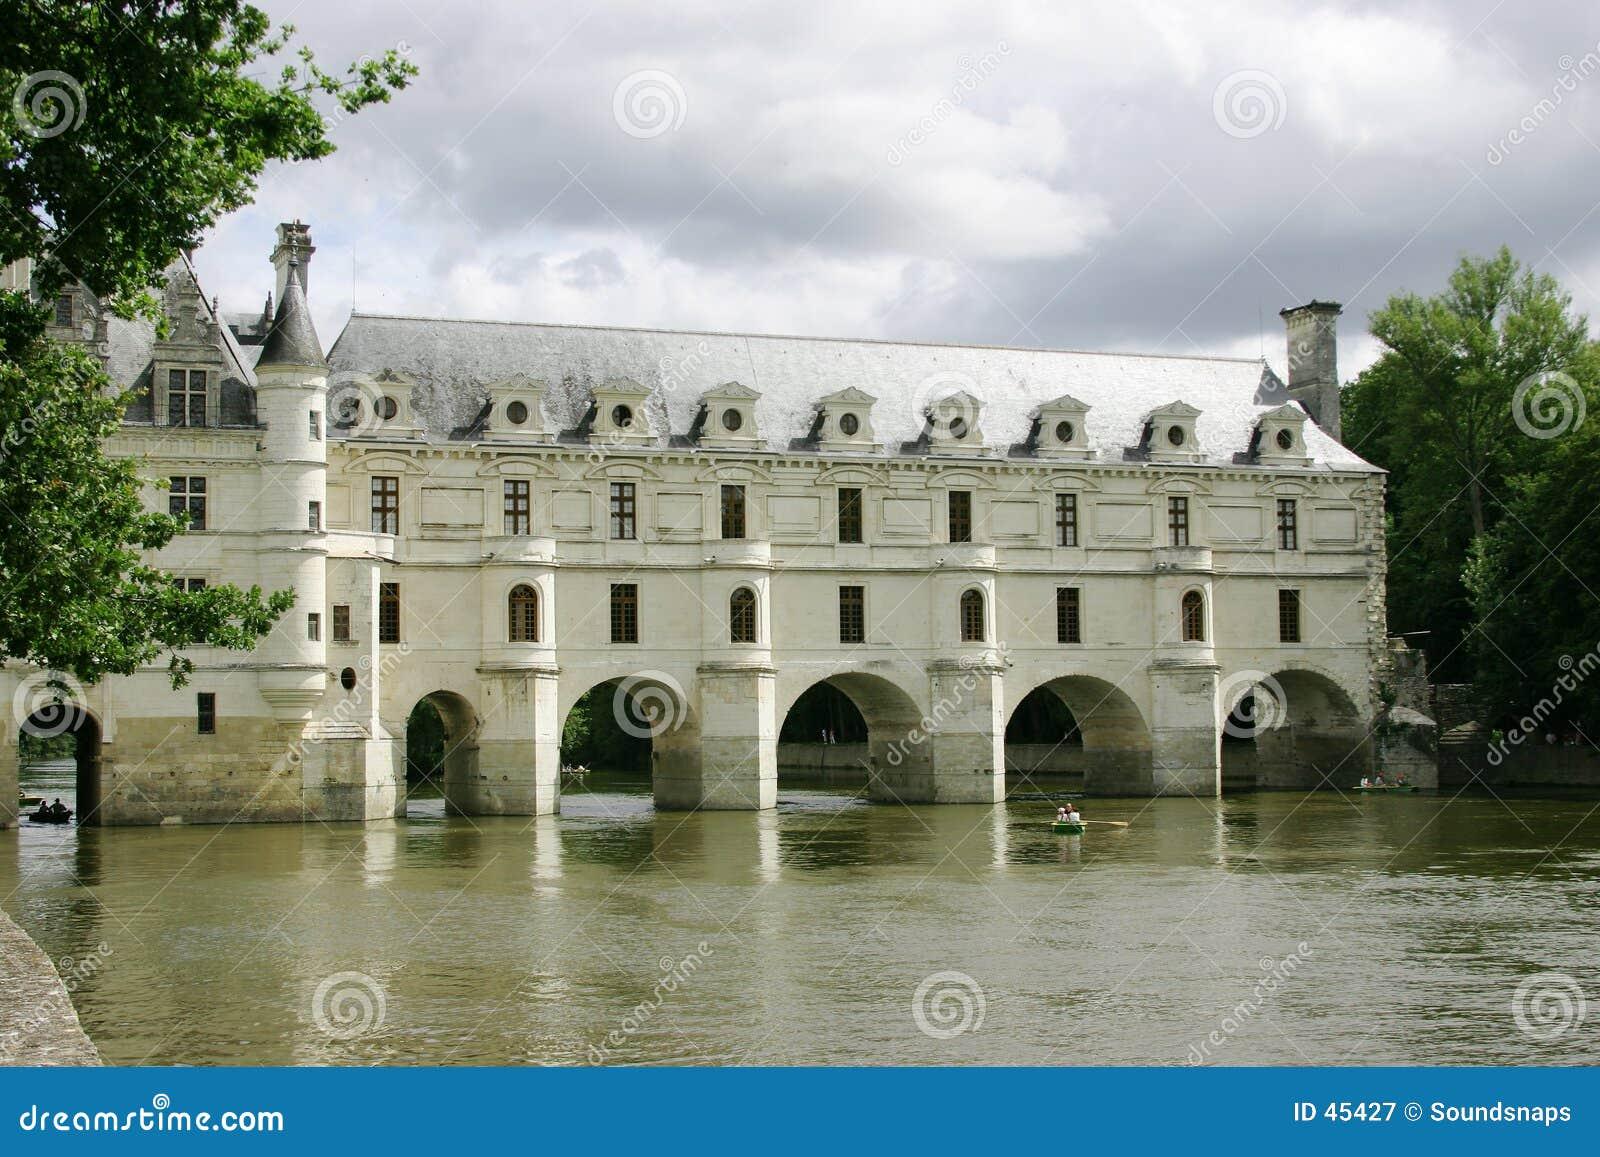 Französisches Chateau auf dem Loire